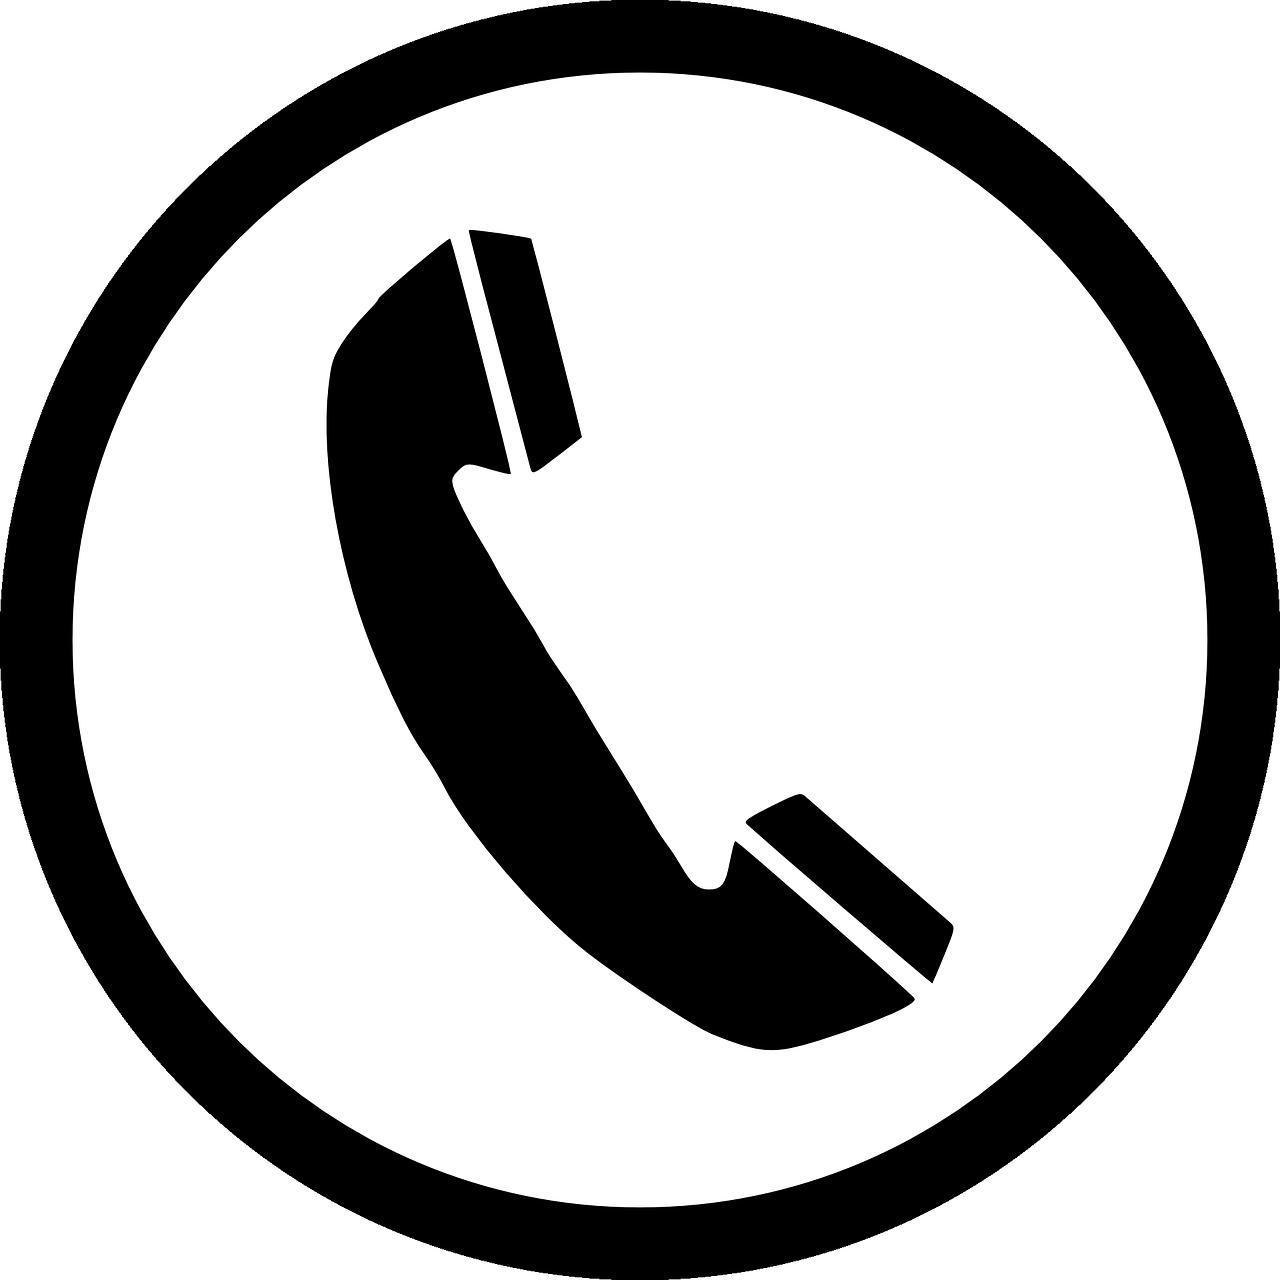 Free Image On Pixabay Phone Telephone Communication Call Logo Snapchat Logo Phone Icon